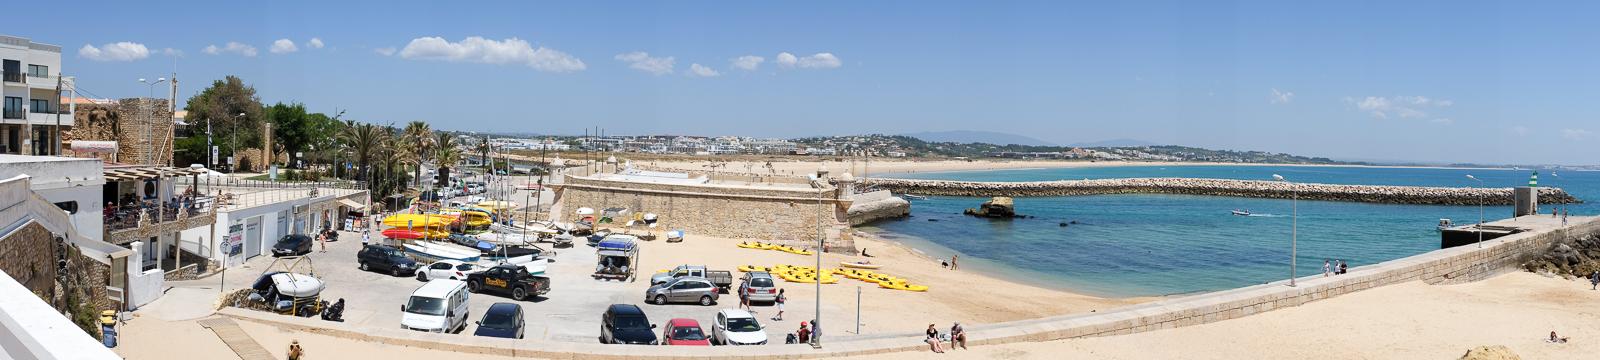 Dag06-Algarve-017-DSCF1882